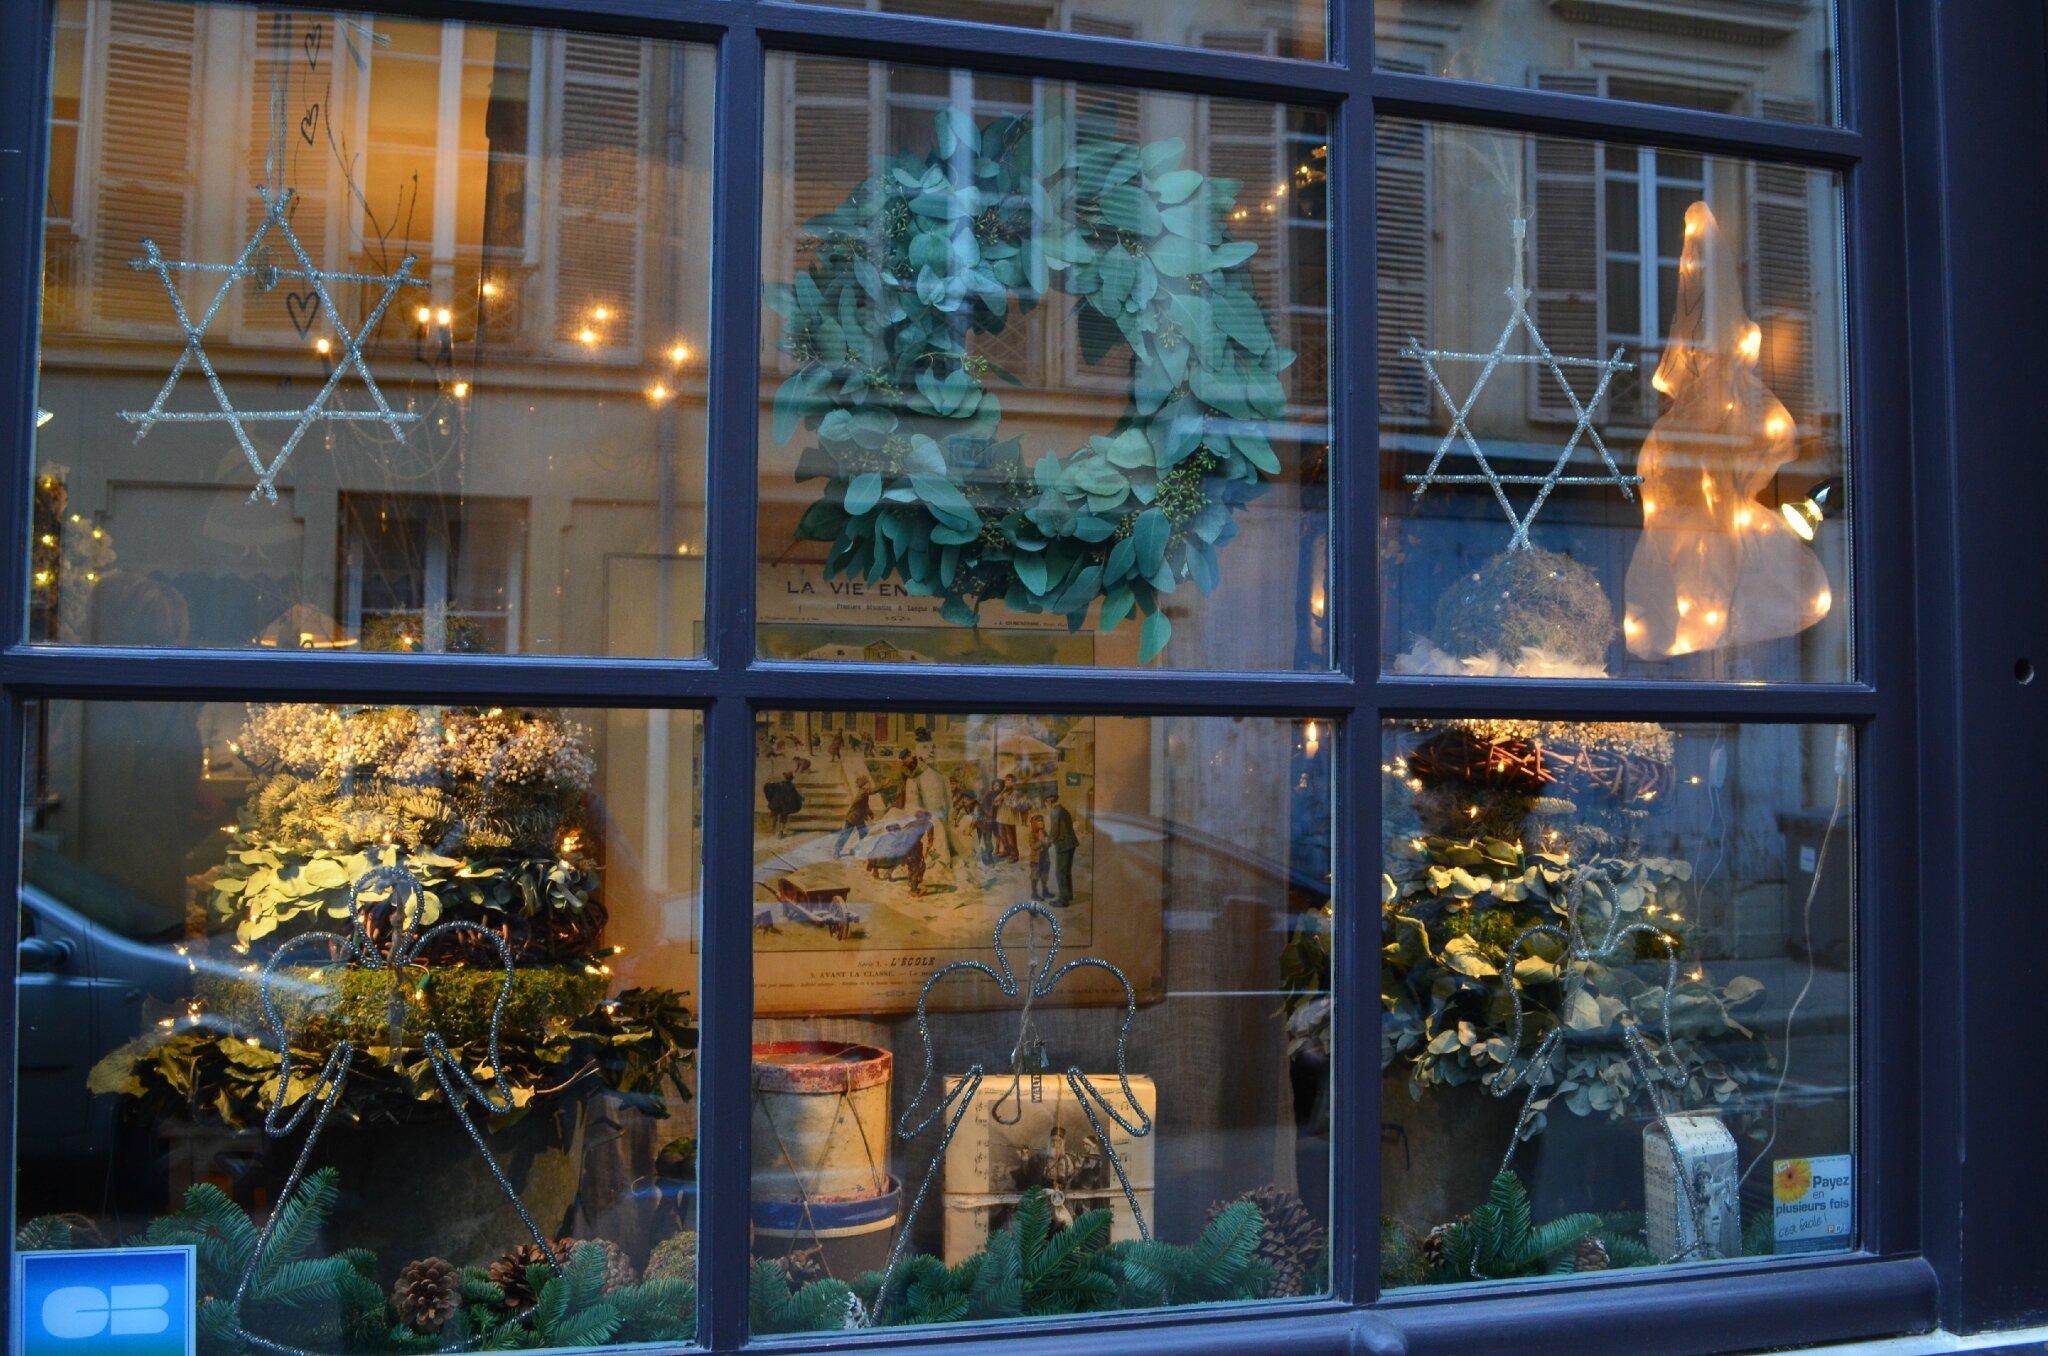 Boutique de charme l 39 armoire de camille a versailles une fee d 39 hiver - Deco jardin noel versailles ...